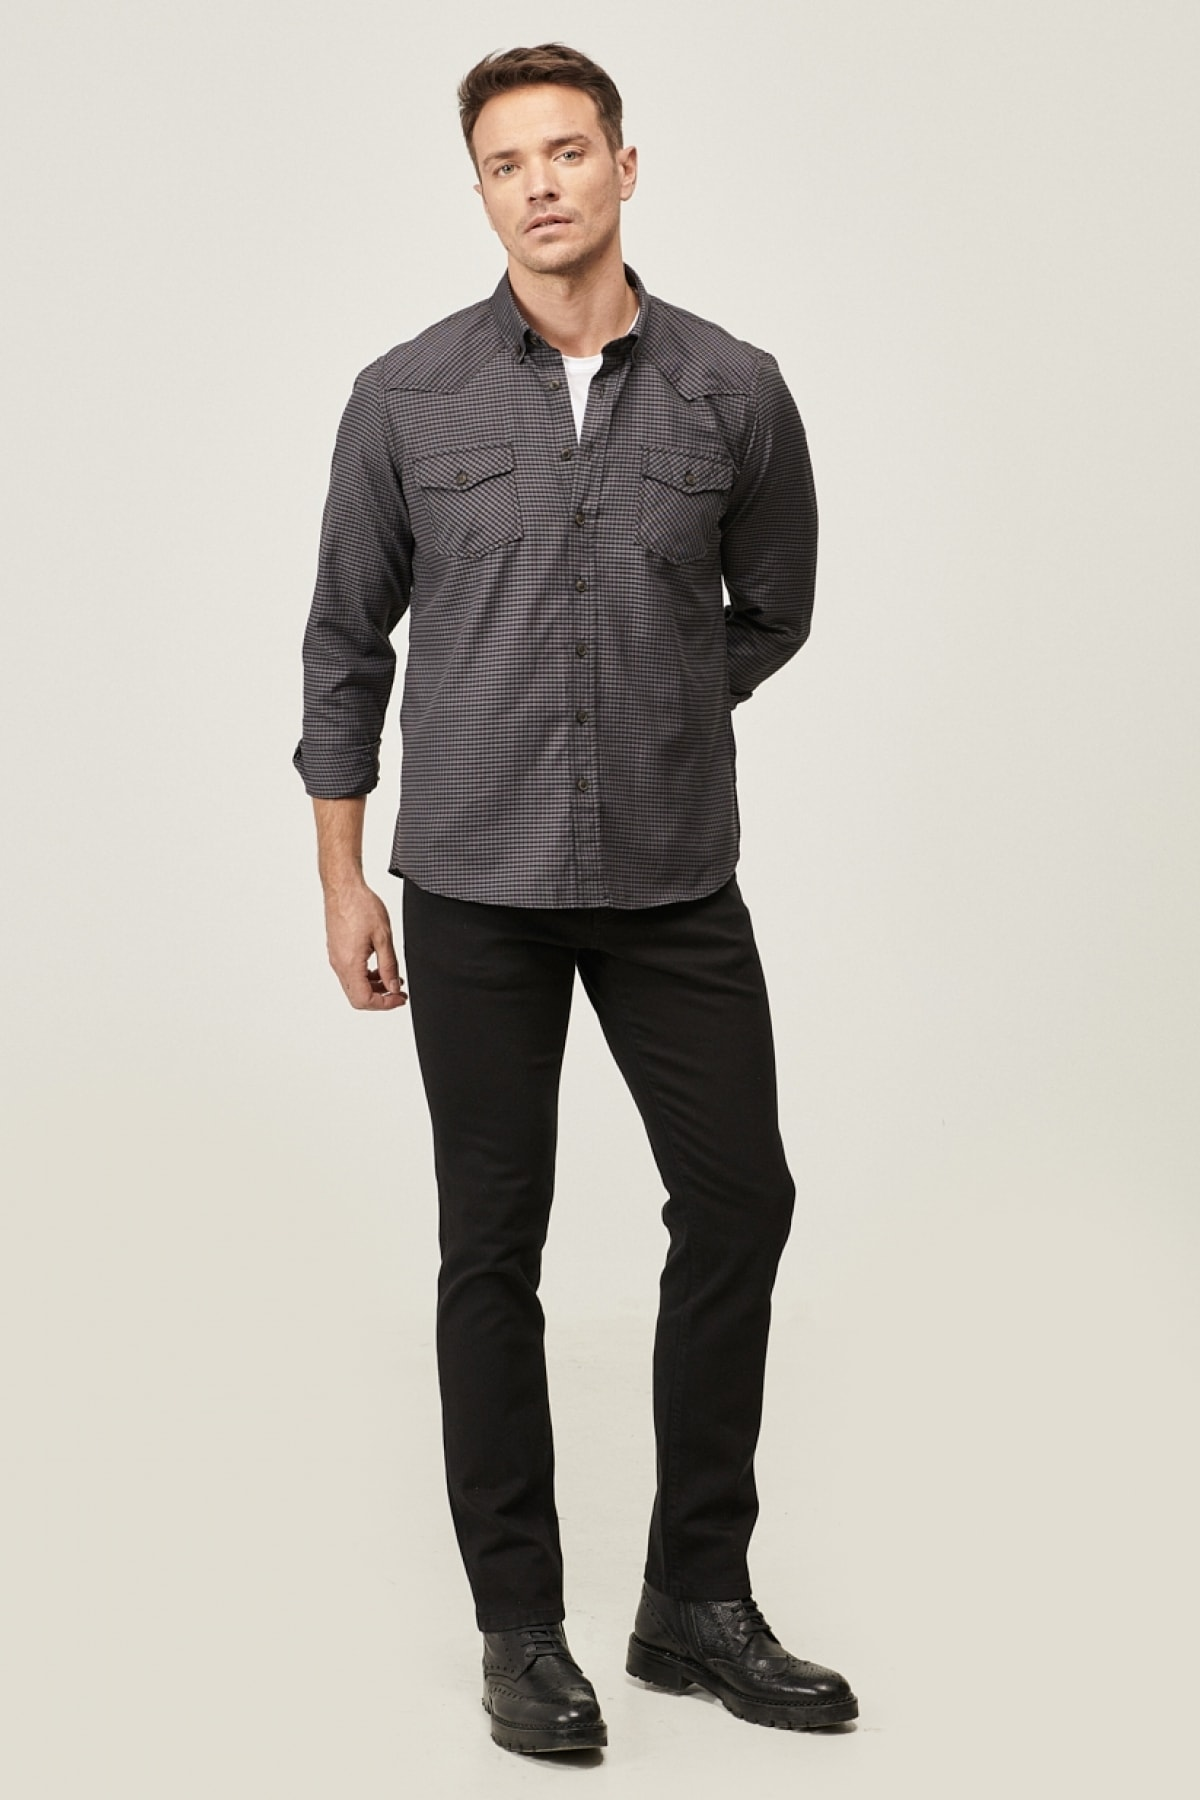 ALTINYILDIZ CLASSICS Erkek Siyah 360 Derece Her Yöne Esneyen Rahat Slim Fit Pantolon 2